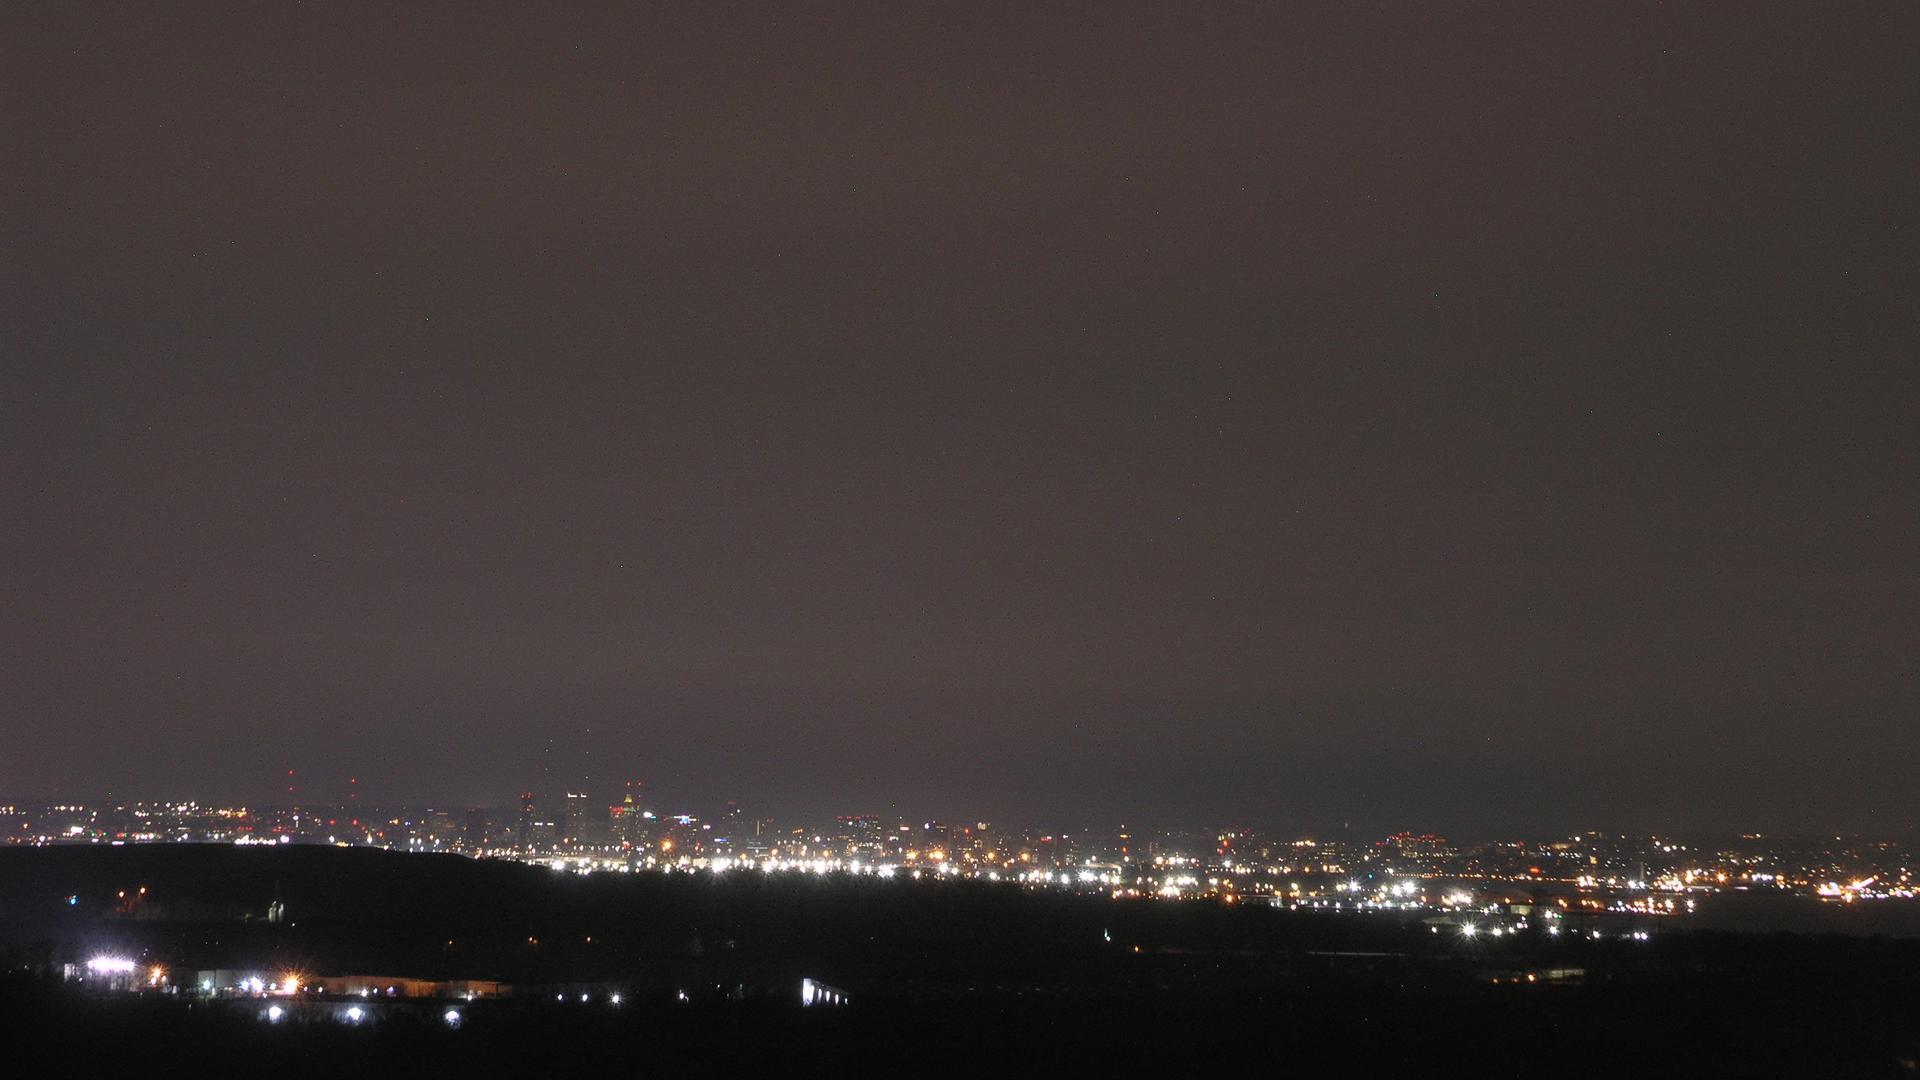 Webkamera Solley Park: Baltimore, Northwest View